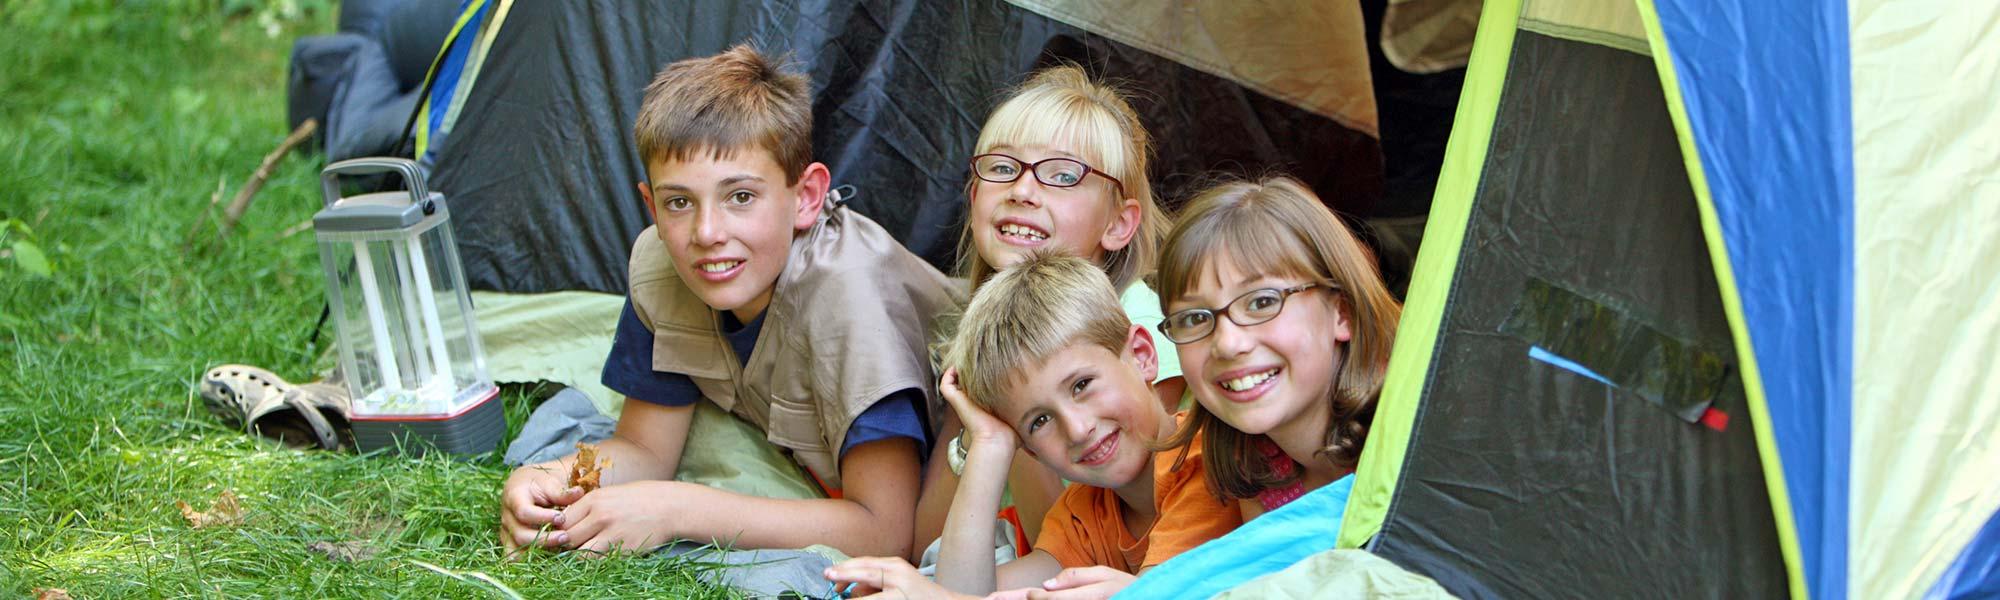 camping_kids_16098277